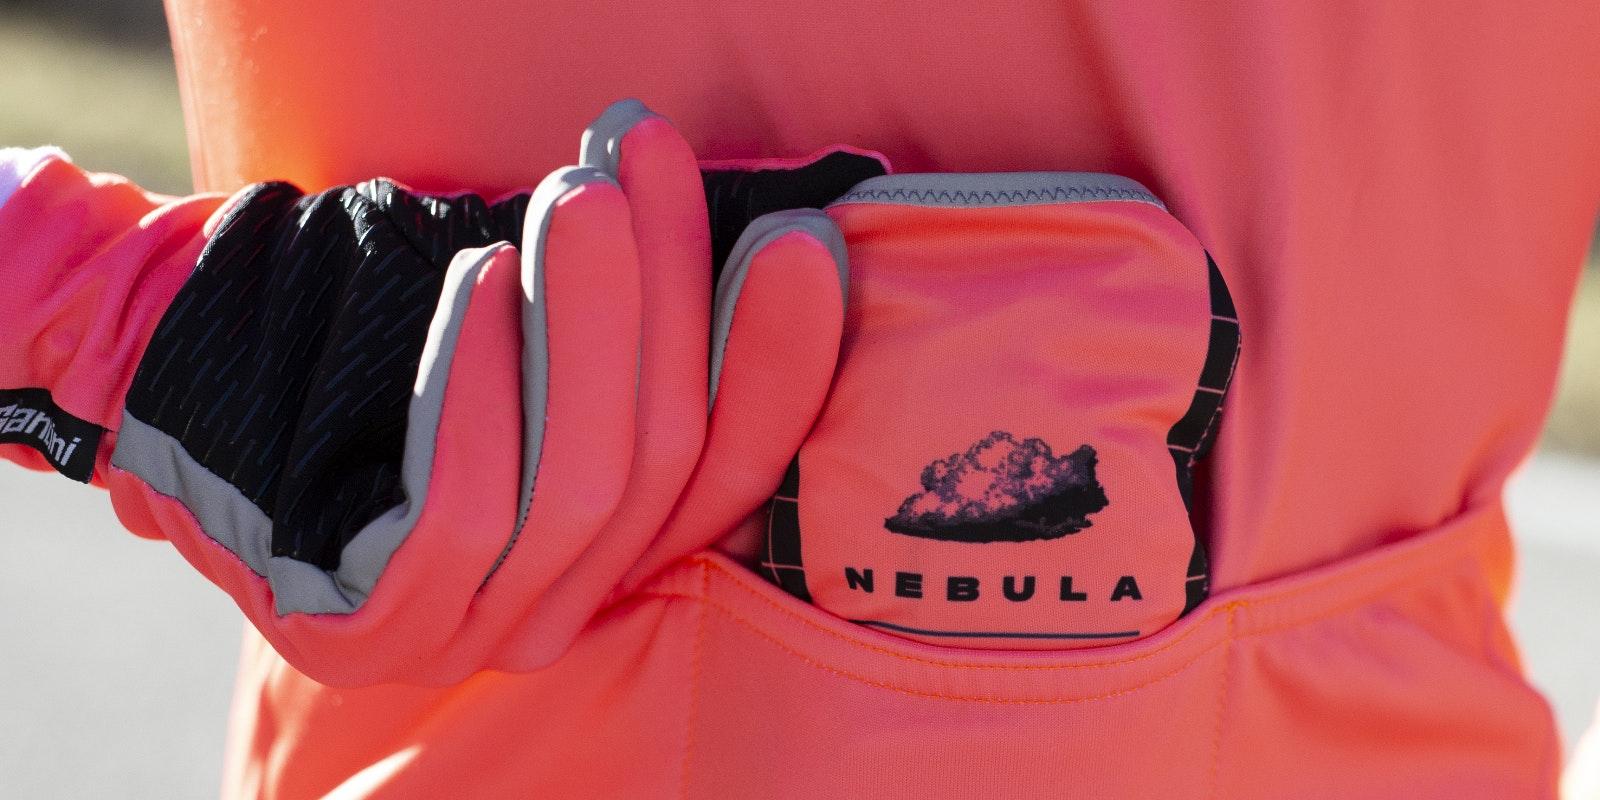 Nebula Womens Winter Collection